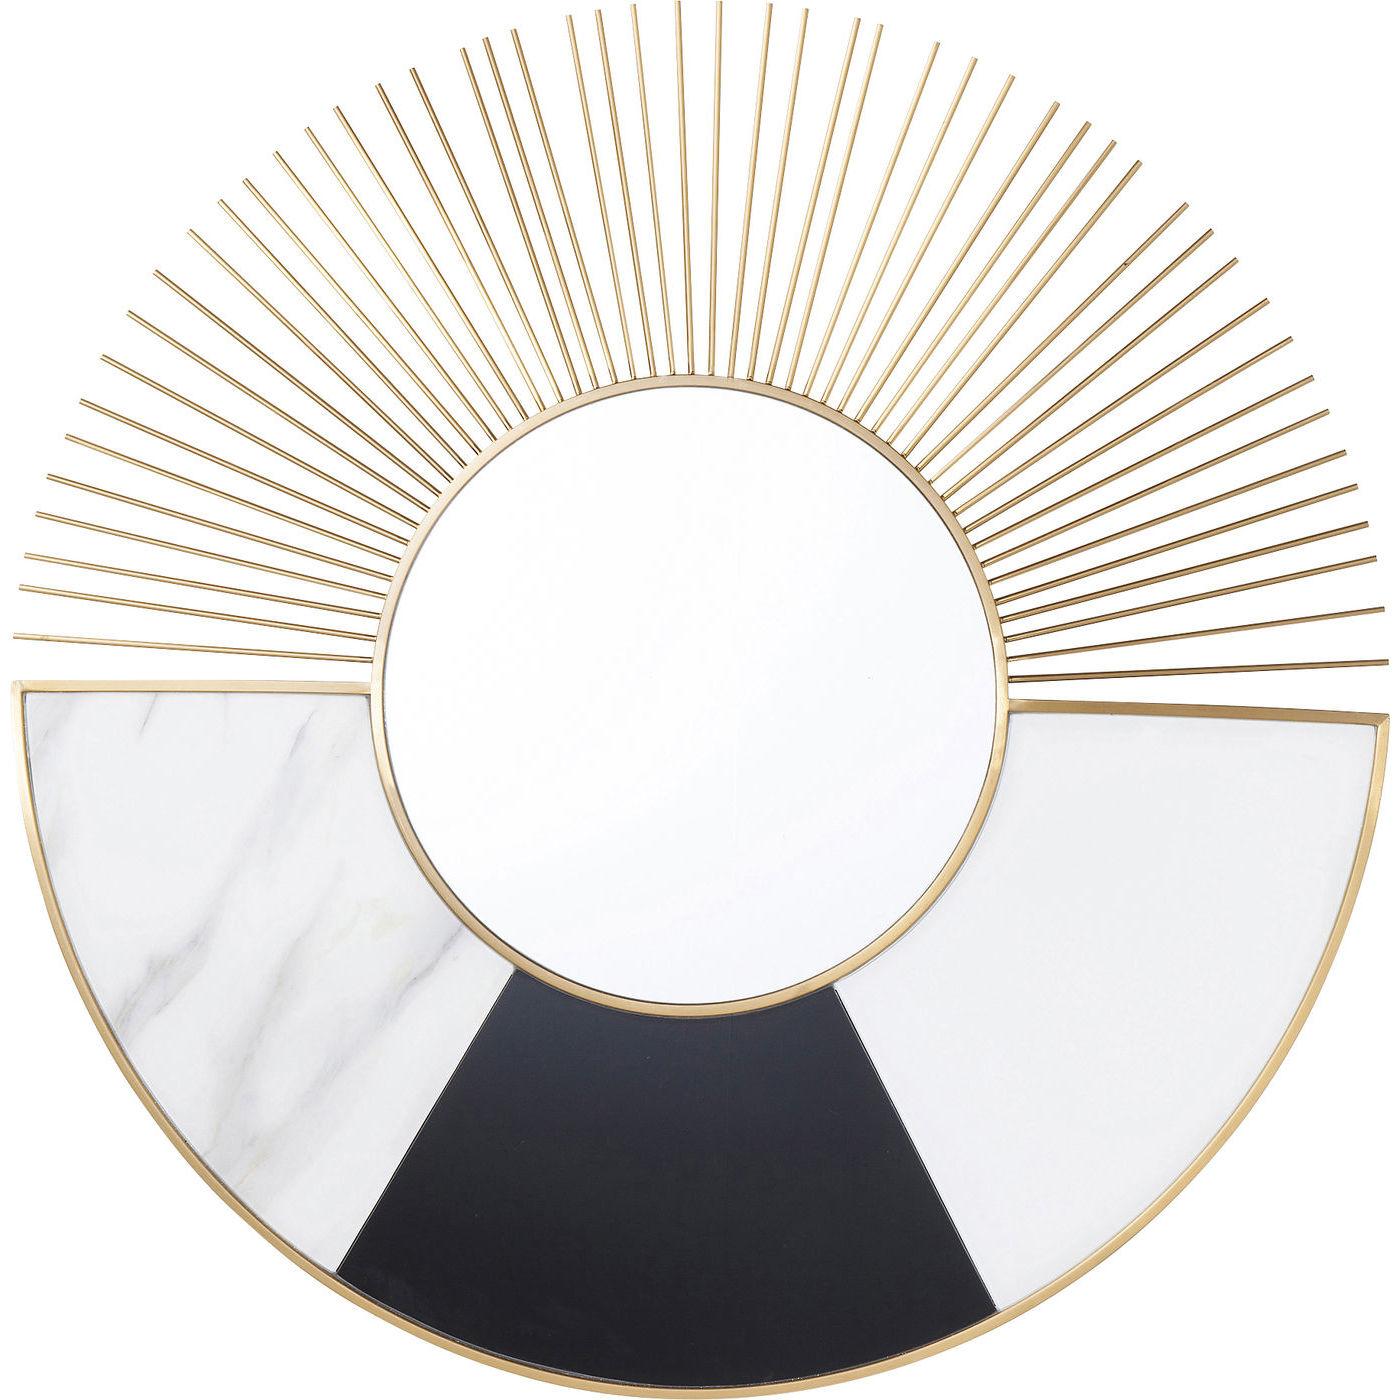 Kare design hipster beam vægspejl - spejlglas/messing stål/hvidt og sort glas, rundt (ø102) fra kare design fra boboonline.dk